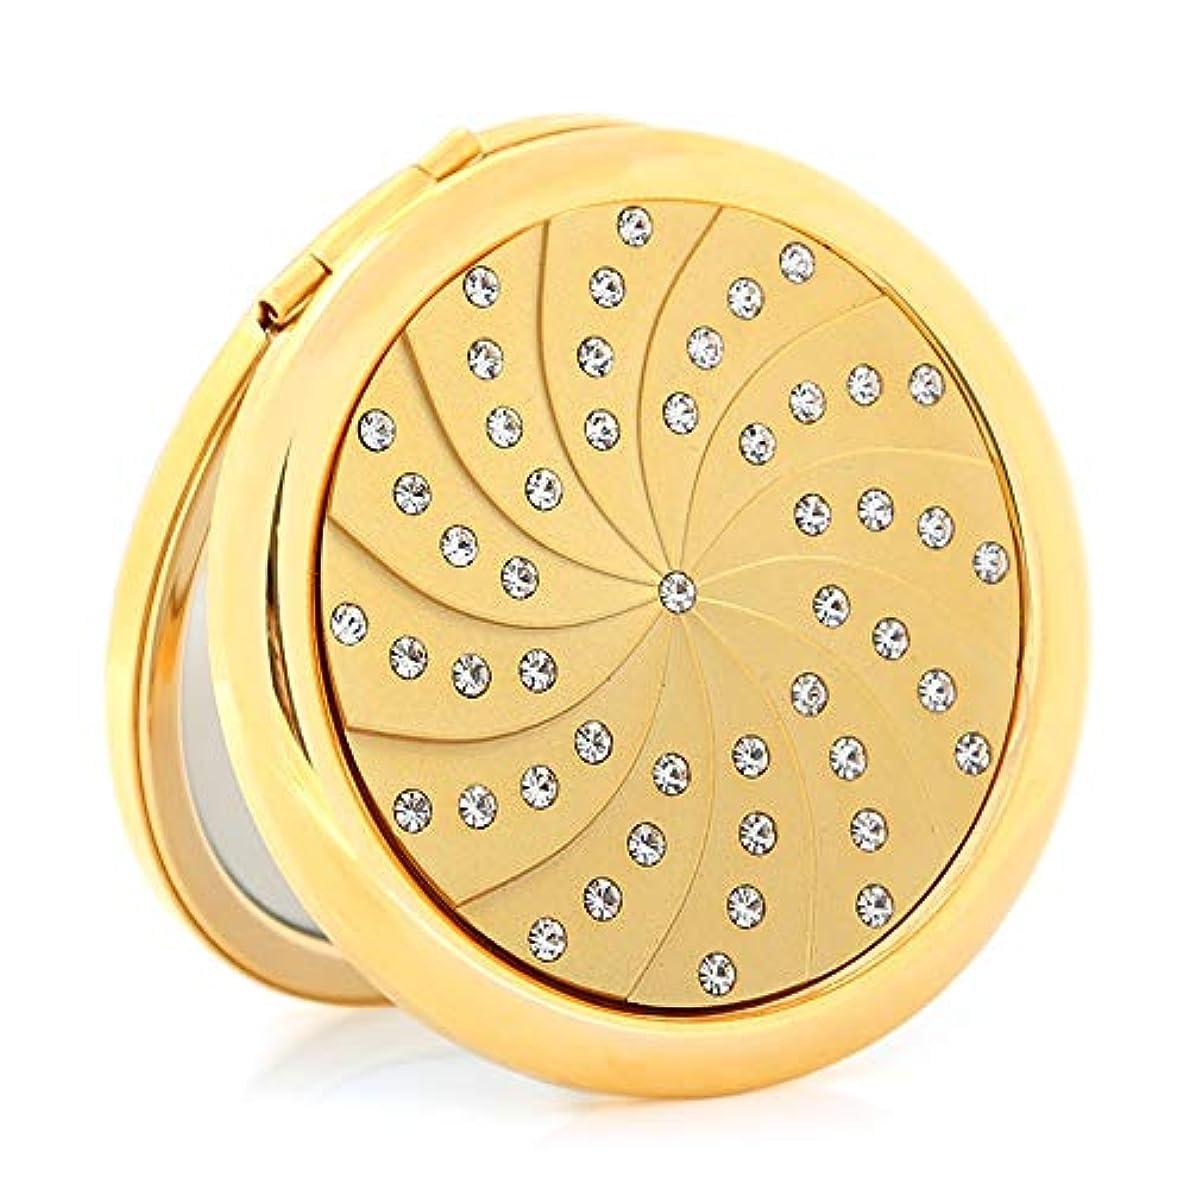 降雨ヒステリック日食流行の 金メッキダイヤモンド小さなミラーポータブル折りたたみ両面ポータブルミラーパーソナライズされた誕生日プレゼント